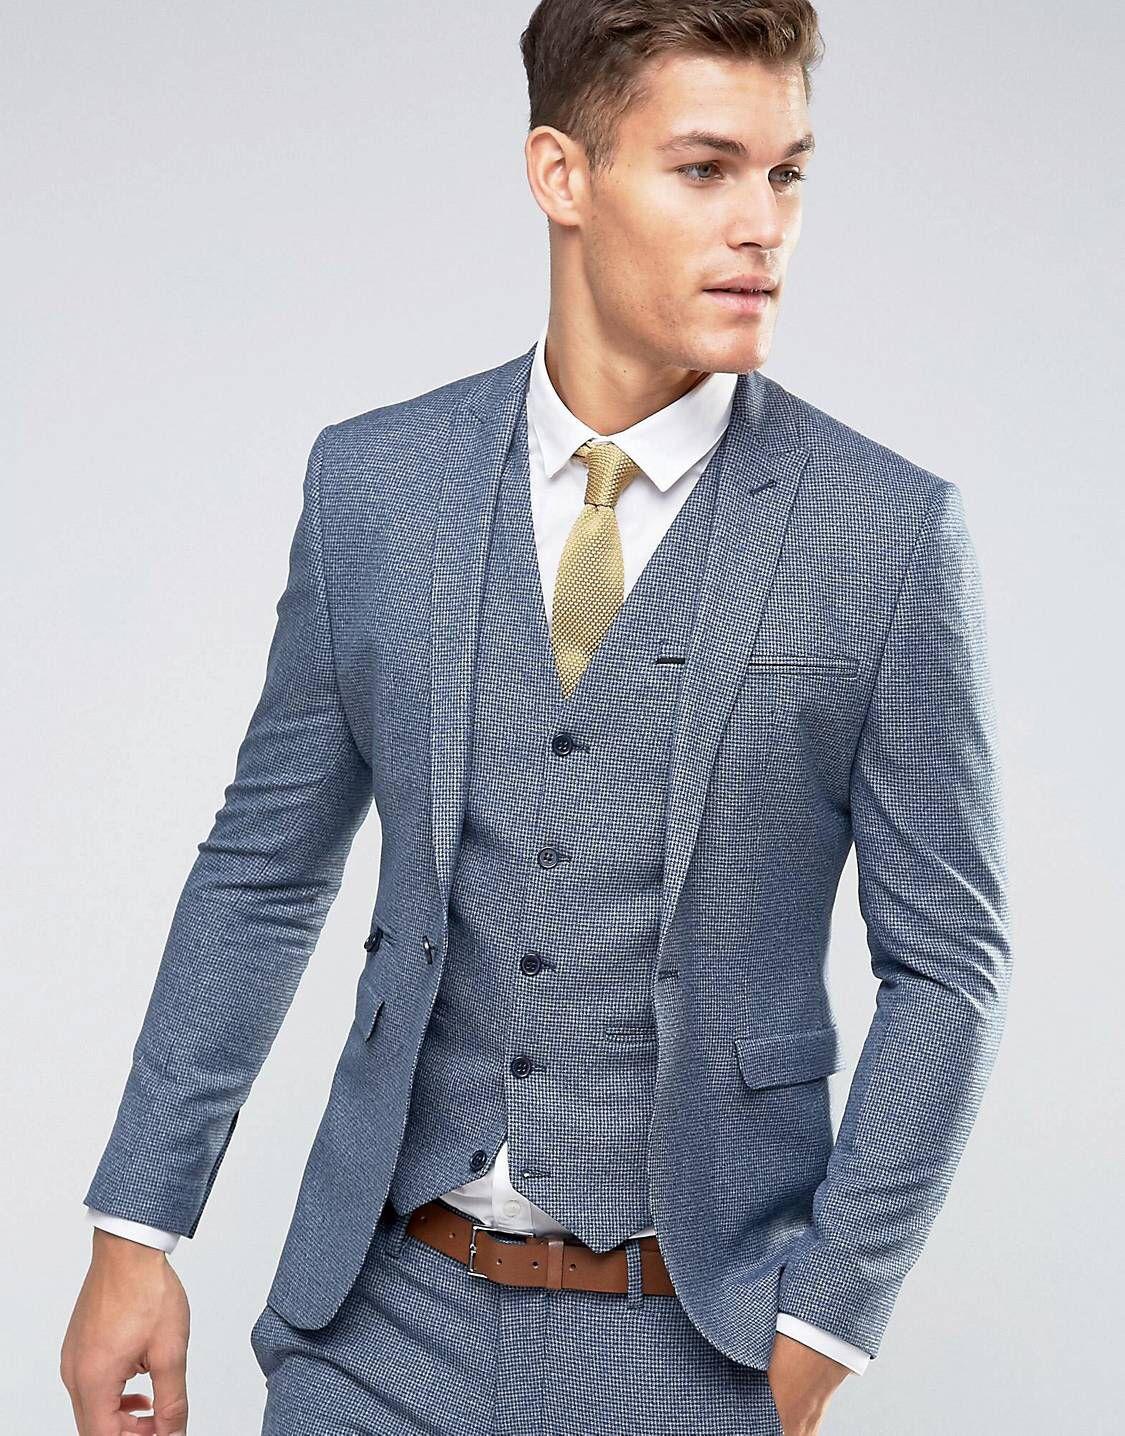 Hochzeit Love From Hochzeitsanzug Anzug Boda Asos This Y A7YRqw46